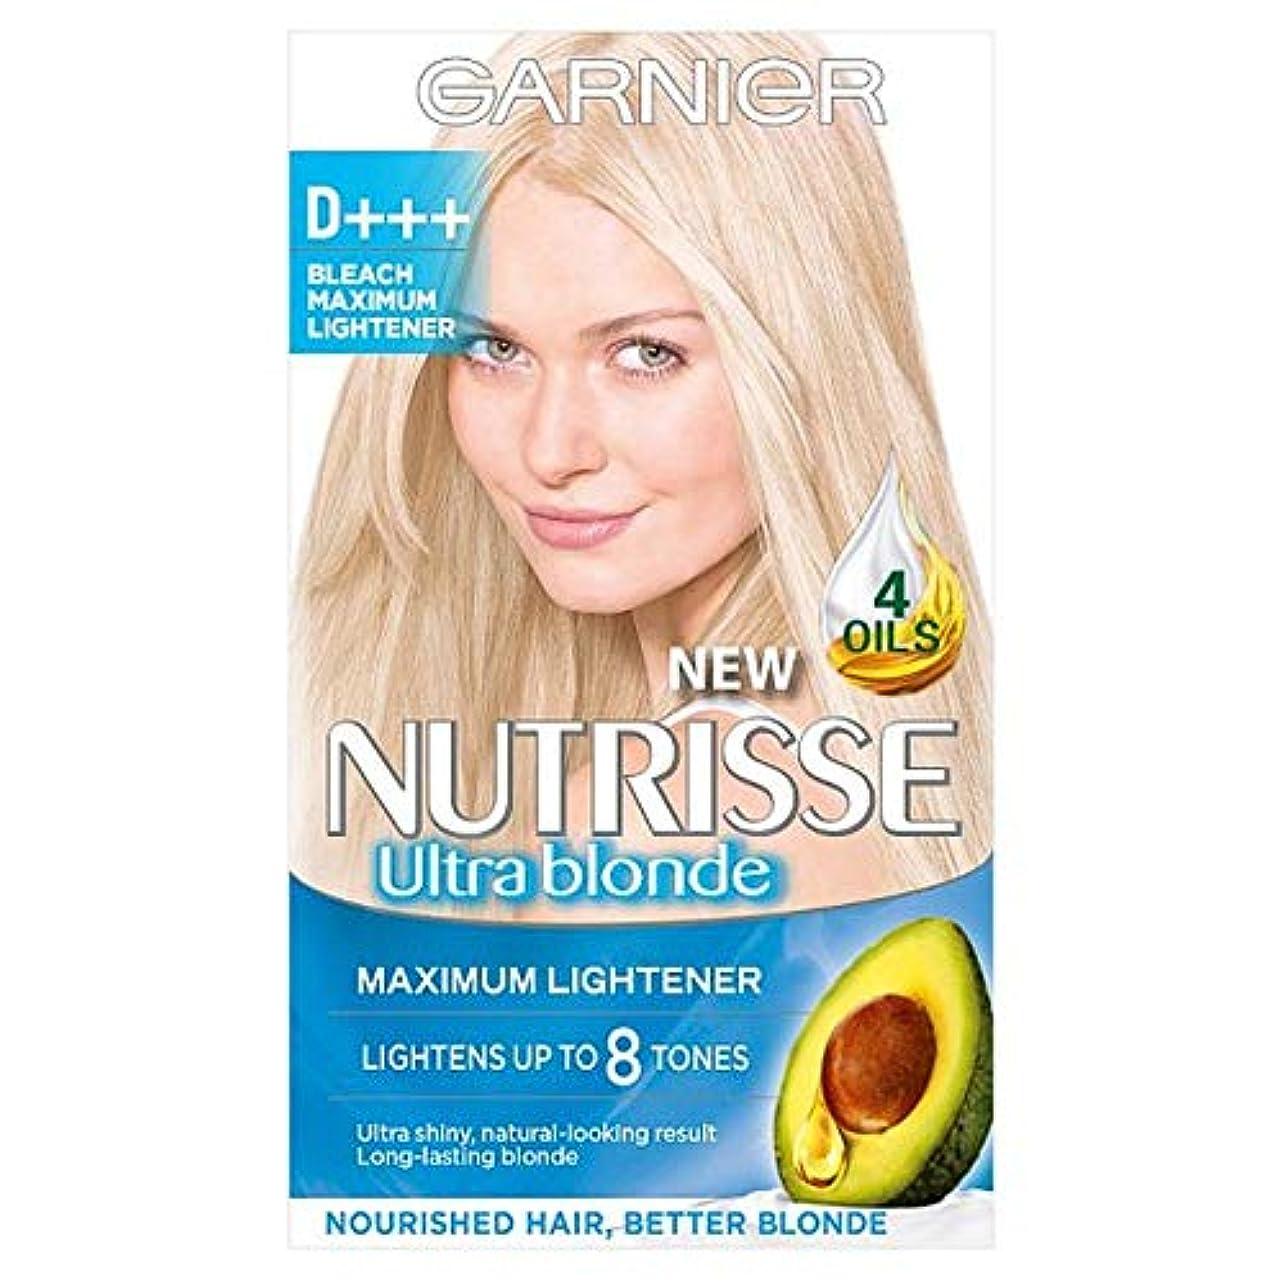 教育カフェテリア共産主義[Garnier] ガルニエNutrisse D +++ Blchライトナーパーマネントヘアダイ - Garnier Nutrisse D+++ Blch Lightener Permanent Hair Dye [並行輸入品]